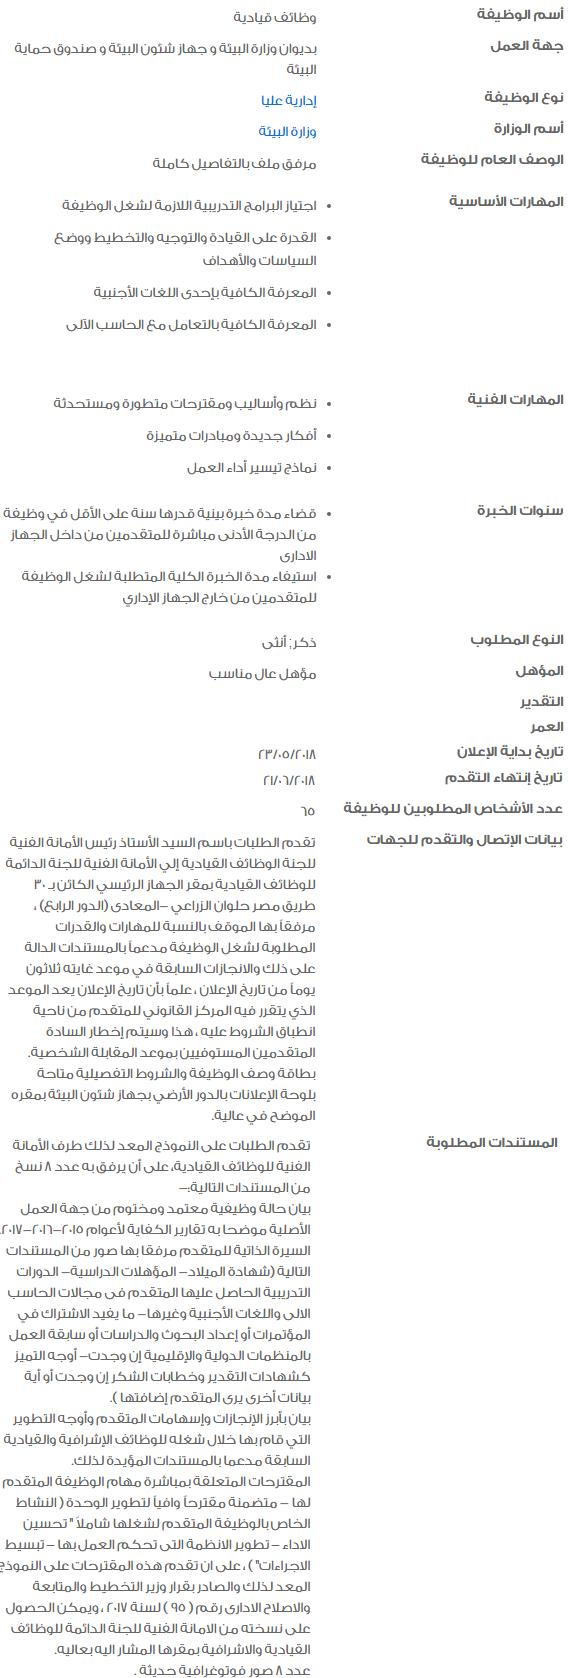 %D9%88%D8%B8%D8%A7%D8%A6%D9%81 %D8%A7%D9%84%D8%AD%D9%83%D9%88%D9%85%D8%A9 %D8%A7%D9%84%D9%85%D8%B5%D8%B1%D9%8A%D8%A9 2018 2 - وظائف خالية في الحكومة المصرية لشهر يونيو 2018